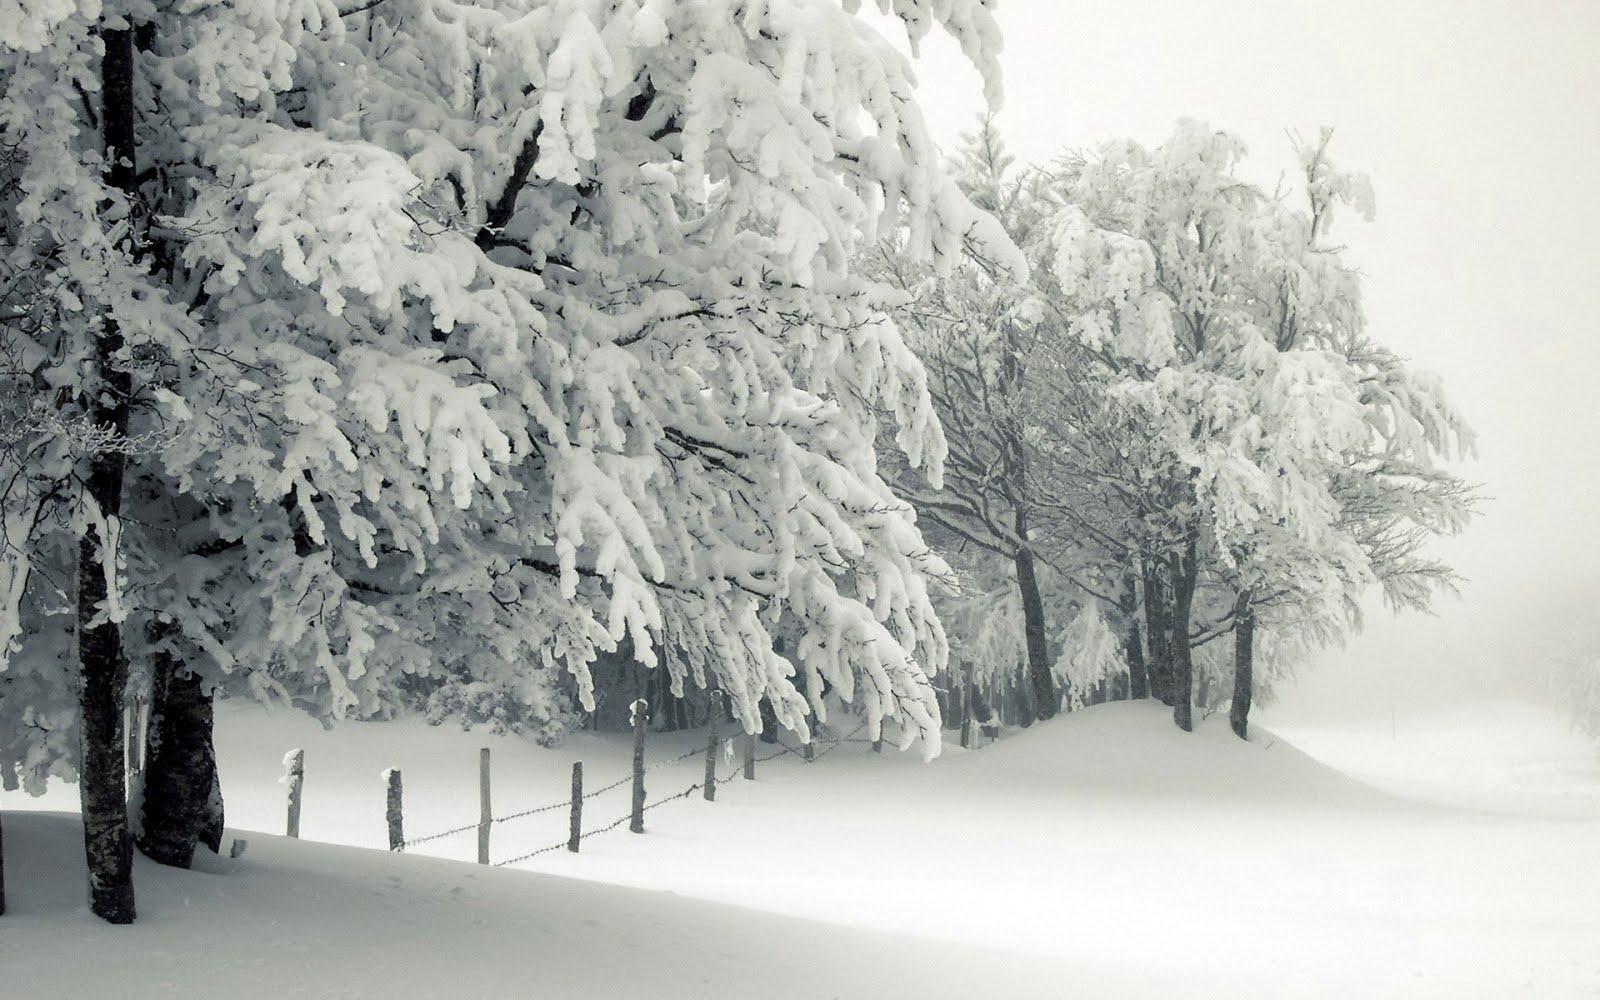 Snow scene trees 1600x1000